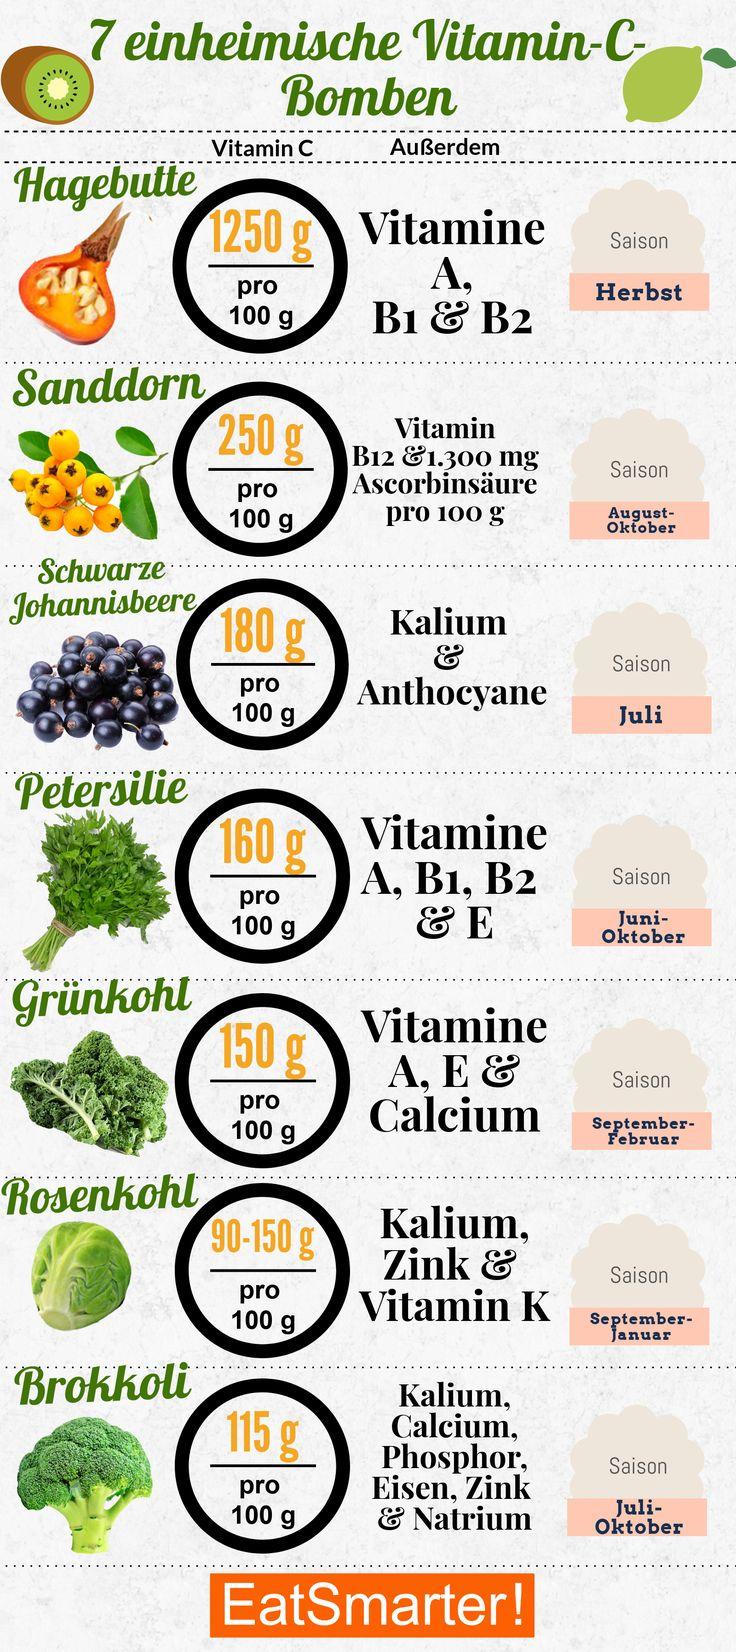 Die 7 größten einheimischen Vitamin-C-Bomben – Melanie Gnant